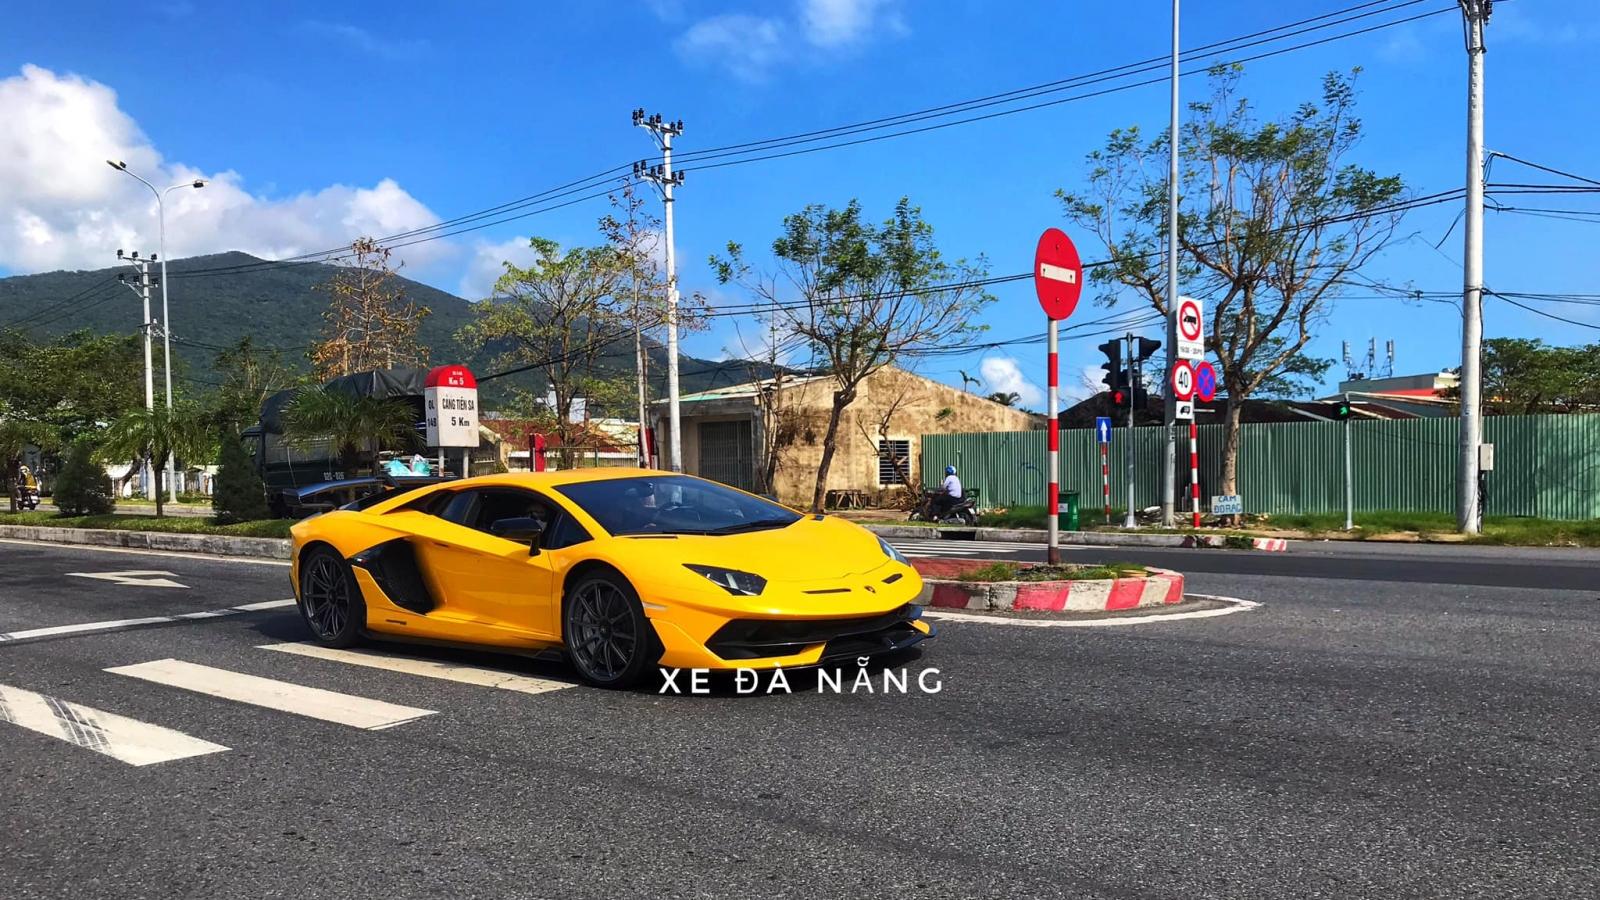 """Cận cảnh siêu phẩm Lamborghini Aventador SVJ vừa """"cập bến"""" Việt Nam"""